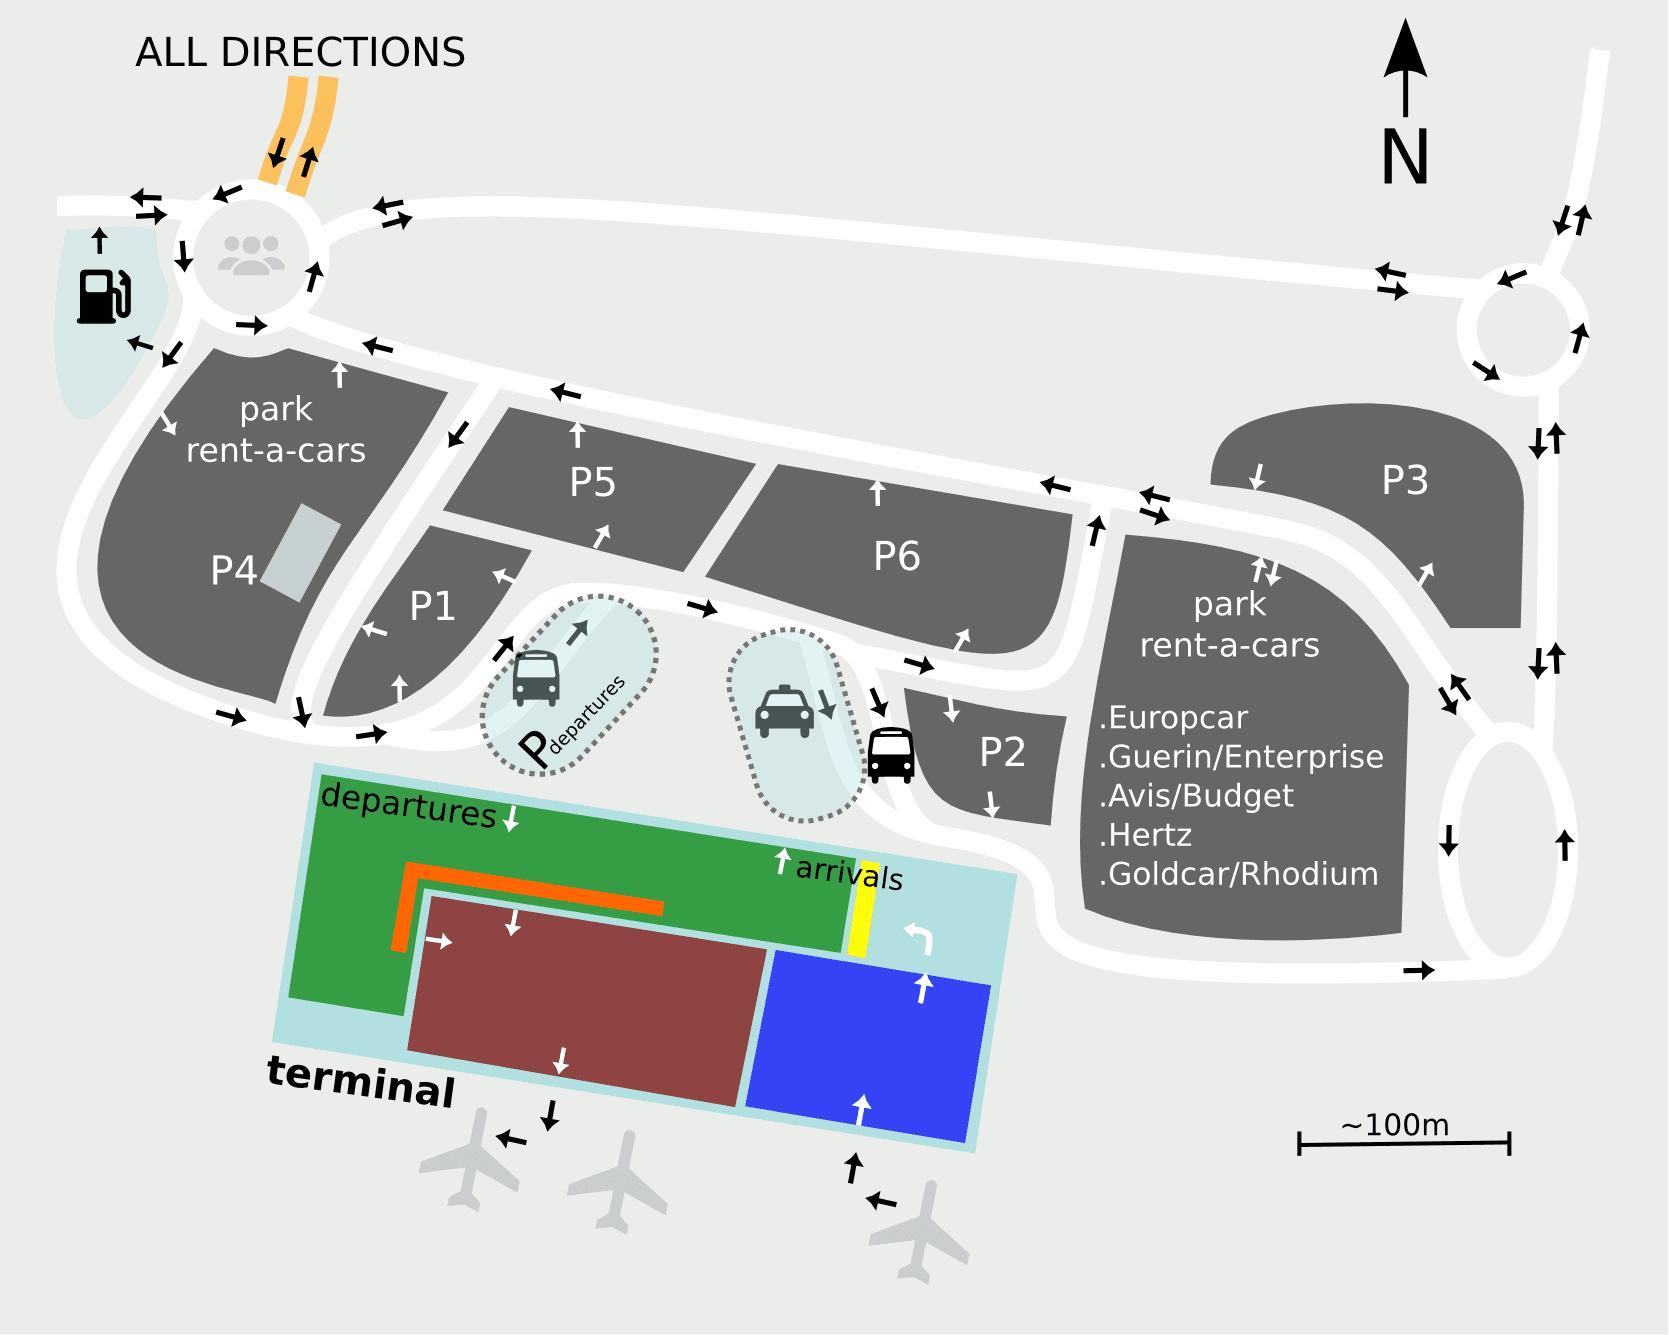 Karte Anzeigen.Der Flughafen Sevilla Anzeigen Sevilla Airport Karte